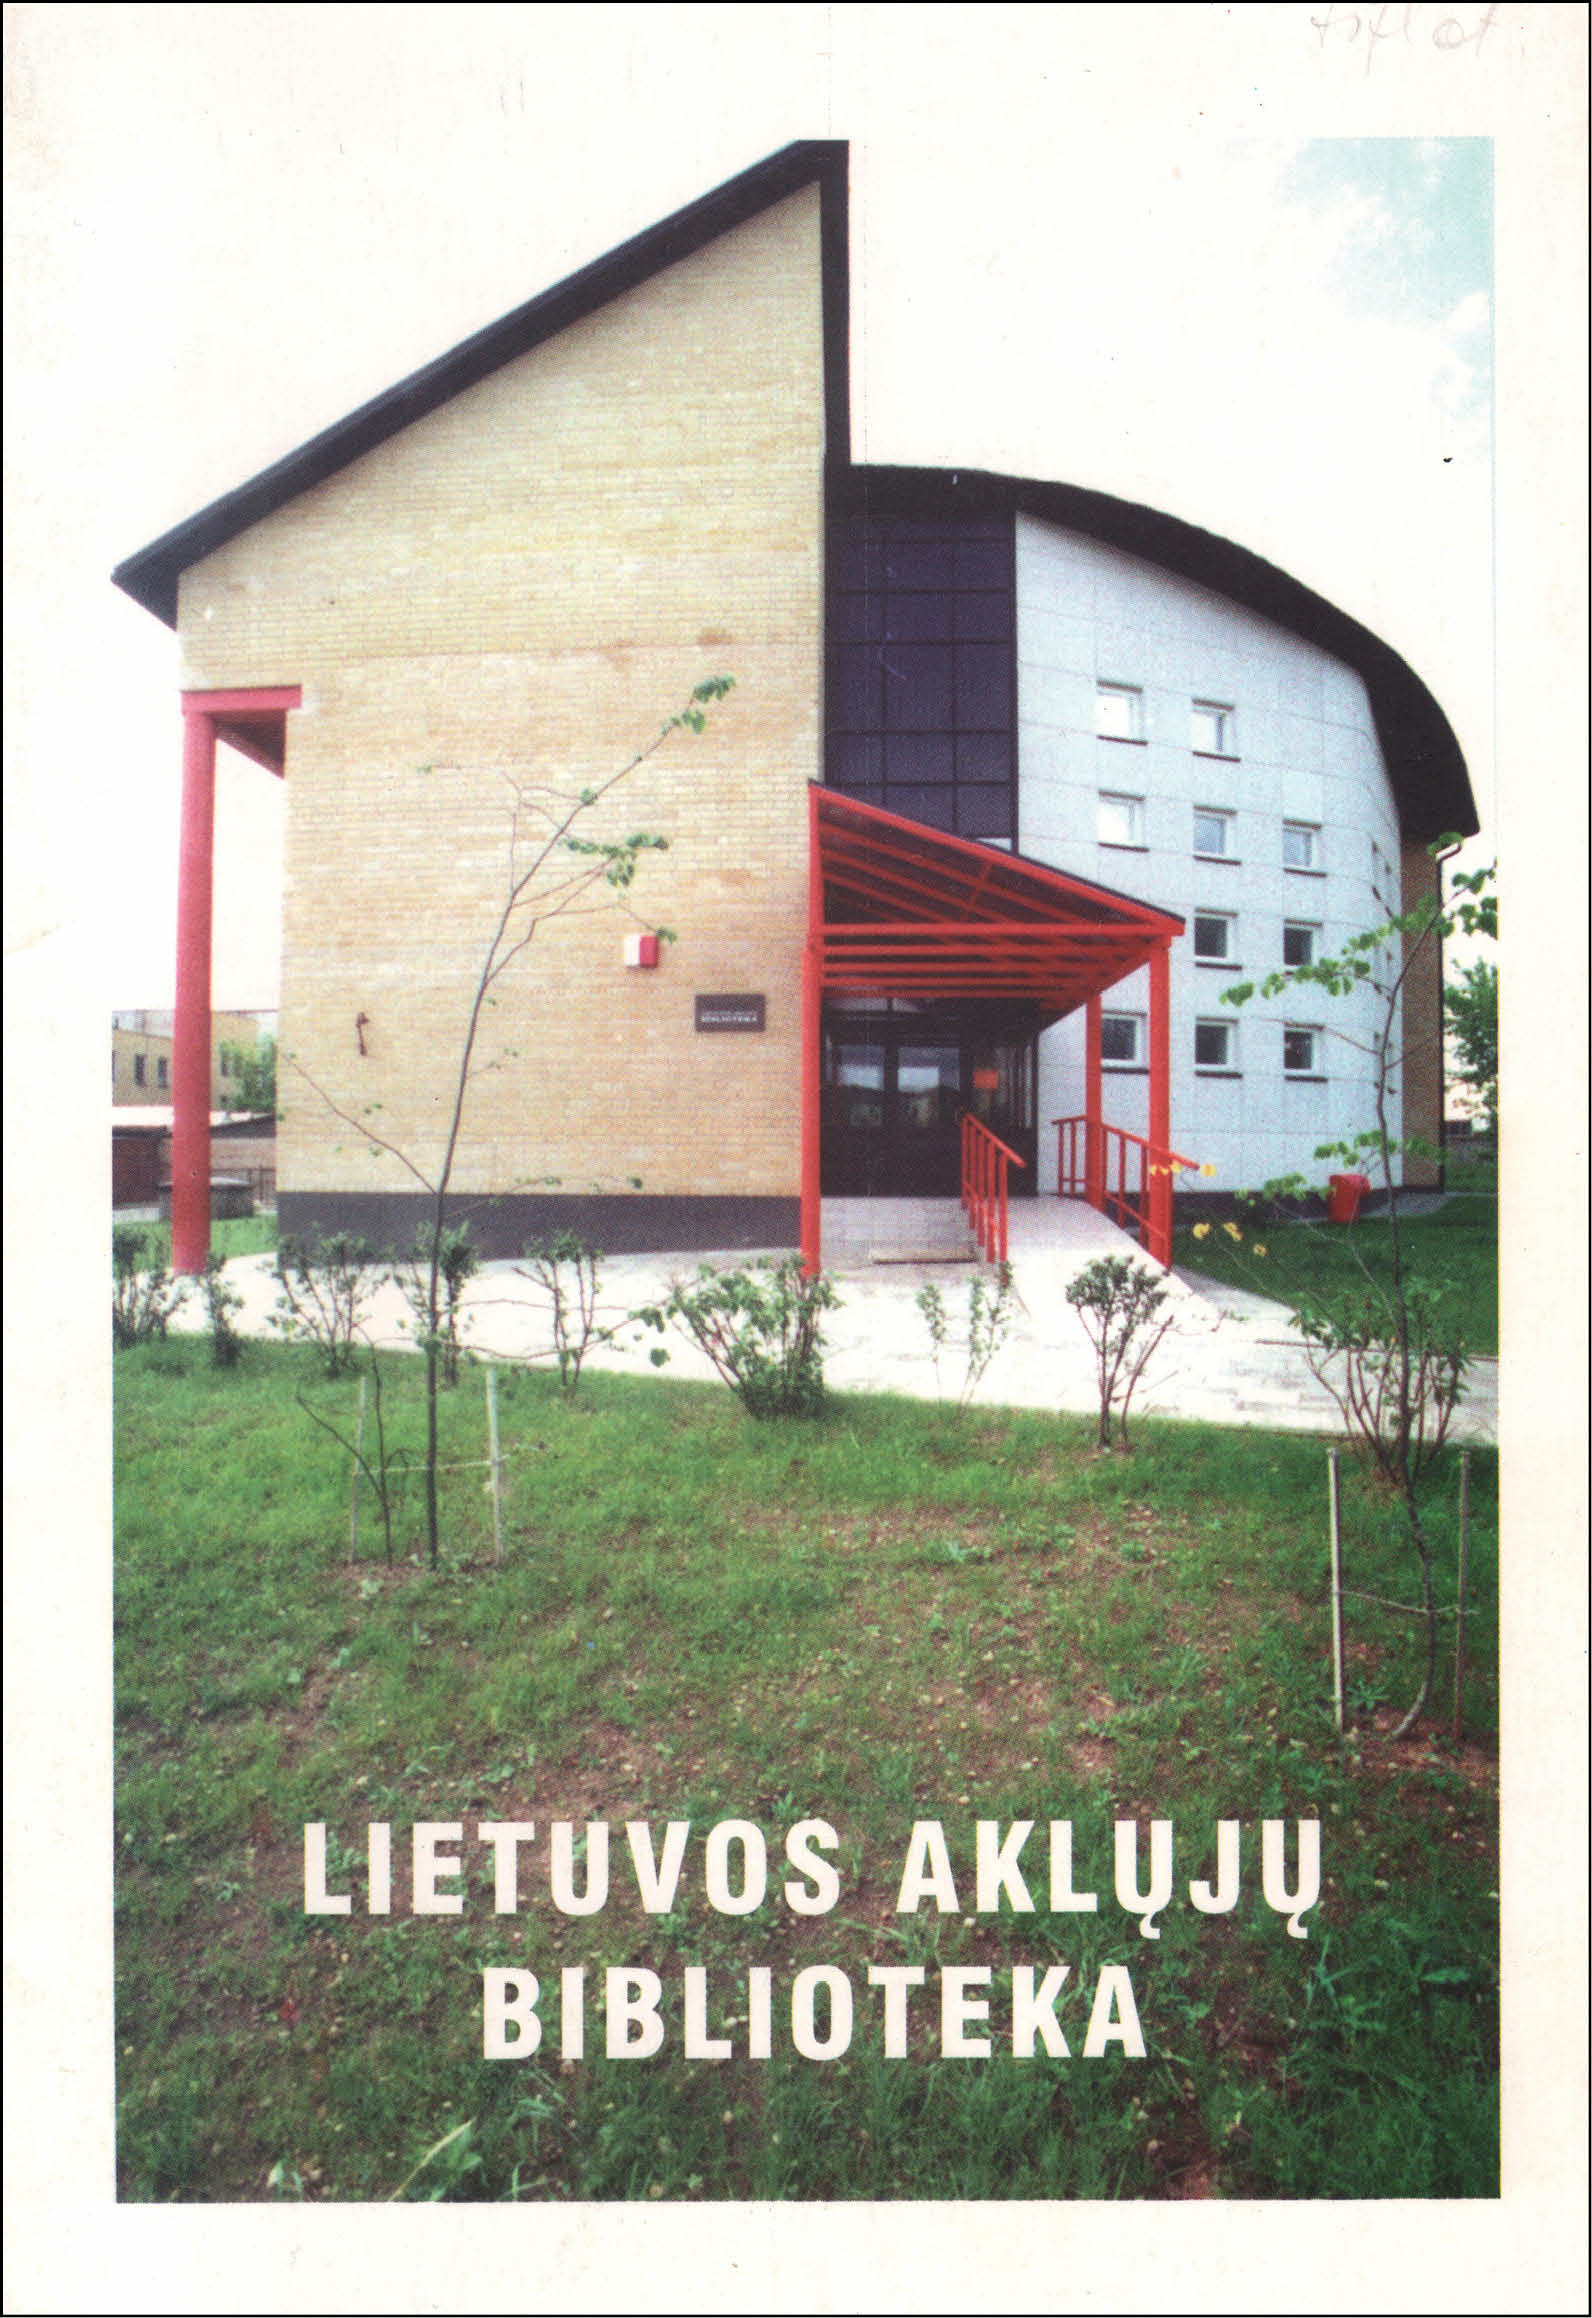 Kuolienė, Jadvyga. Lietuvos aklųjų biblioteka. – Vilnius, 1997. Knygos viršelis.